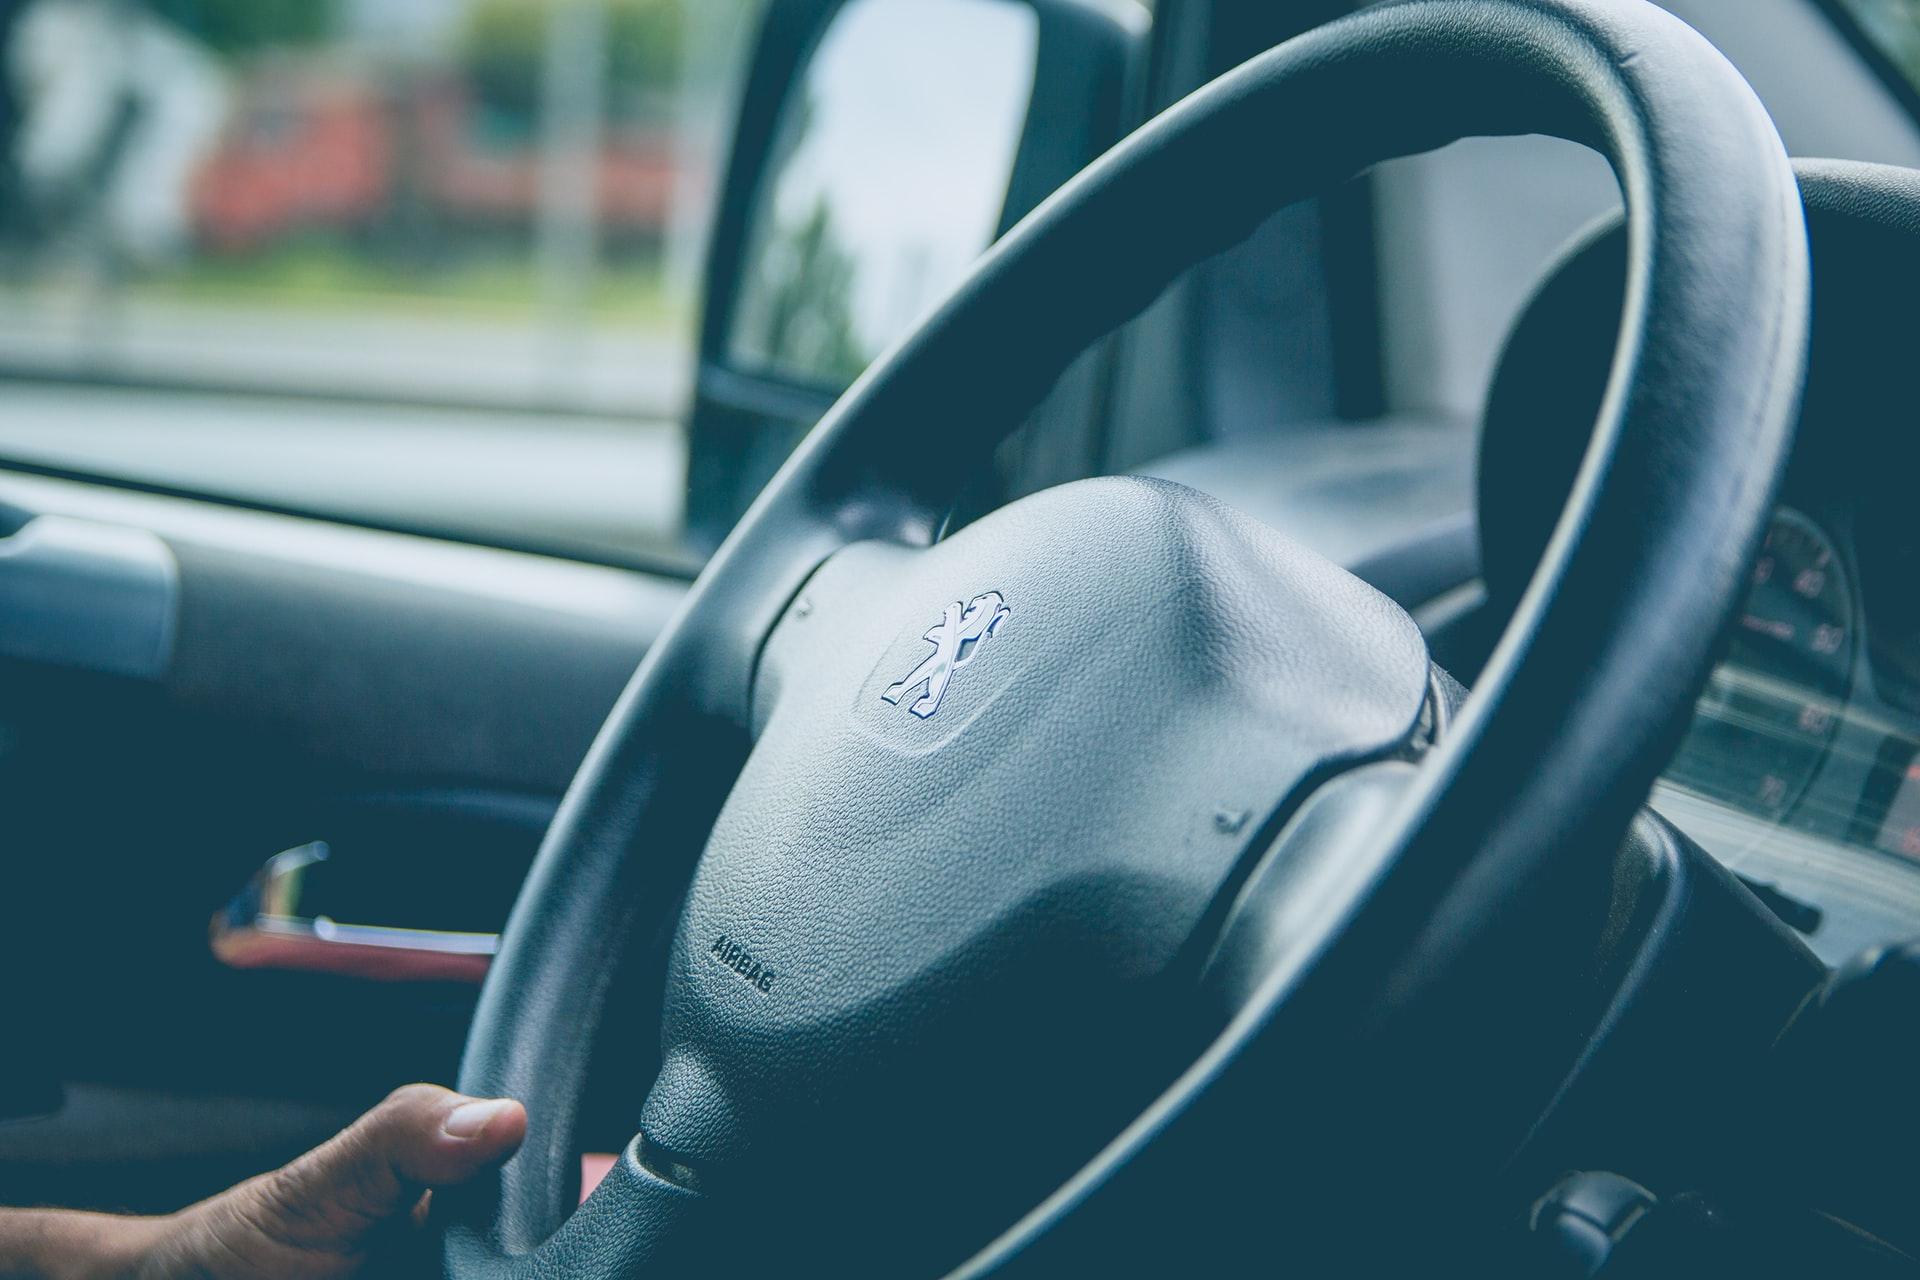 Le volant d'une Peugeot